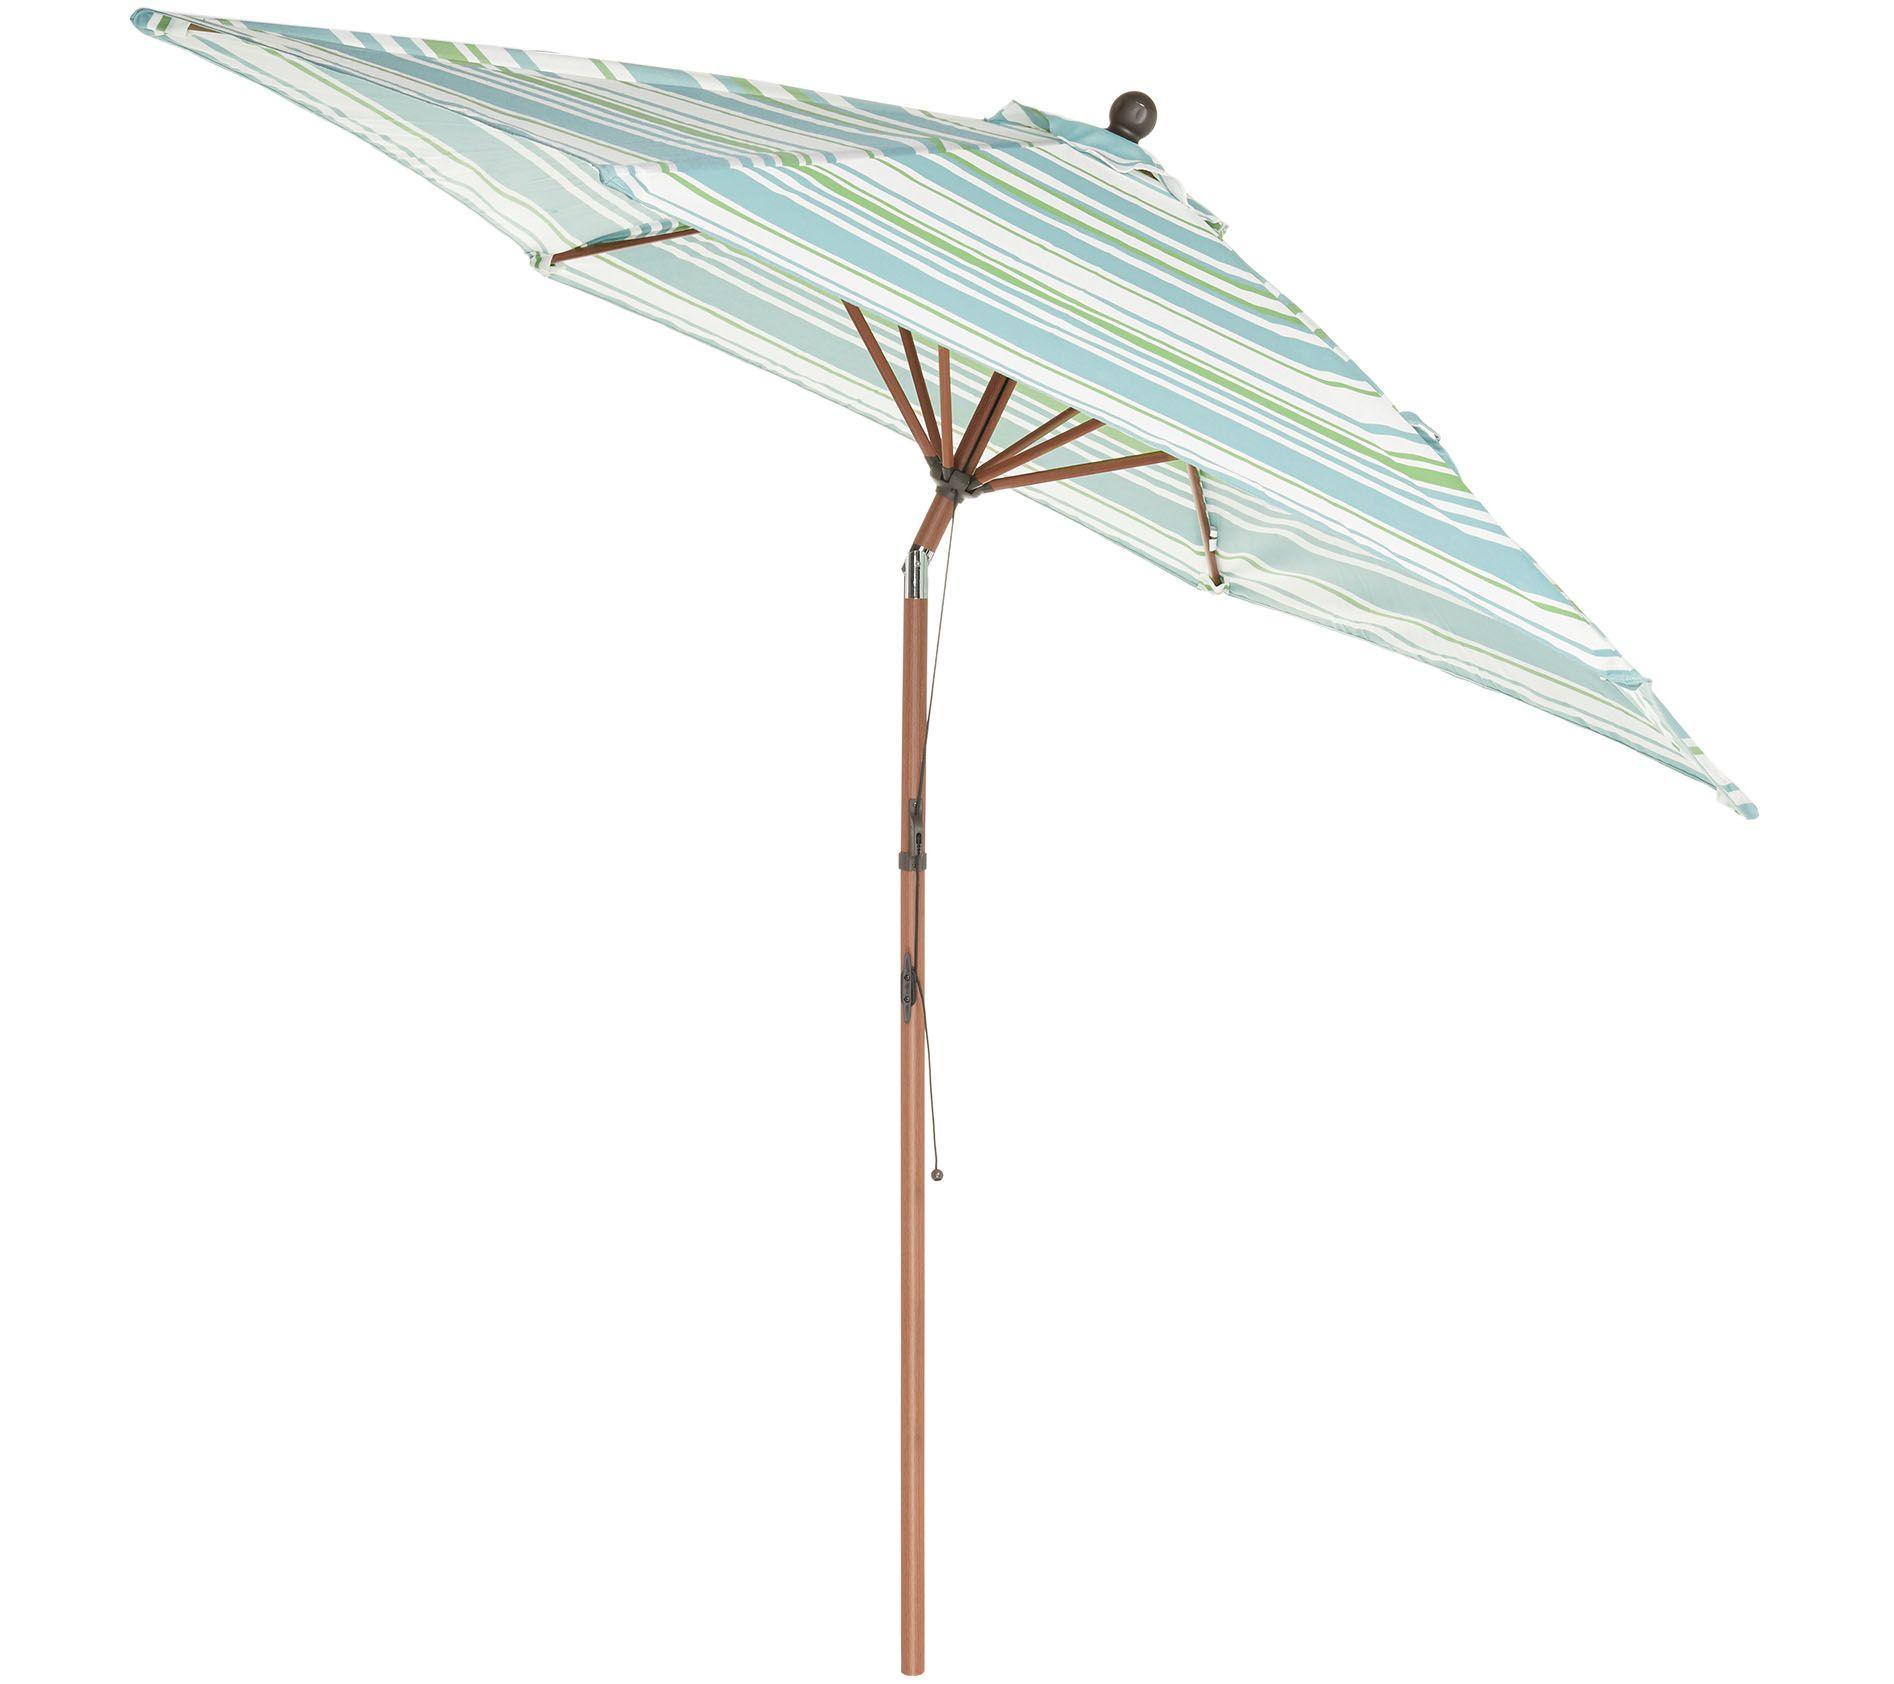 Atleisure 9 Round Fade Resistant Easy Open Patio Umbrella Page 1